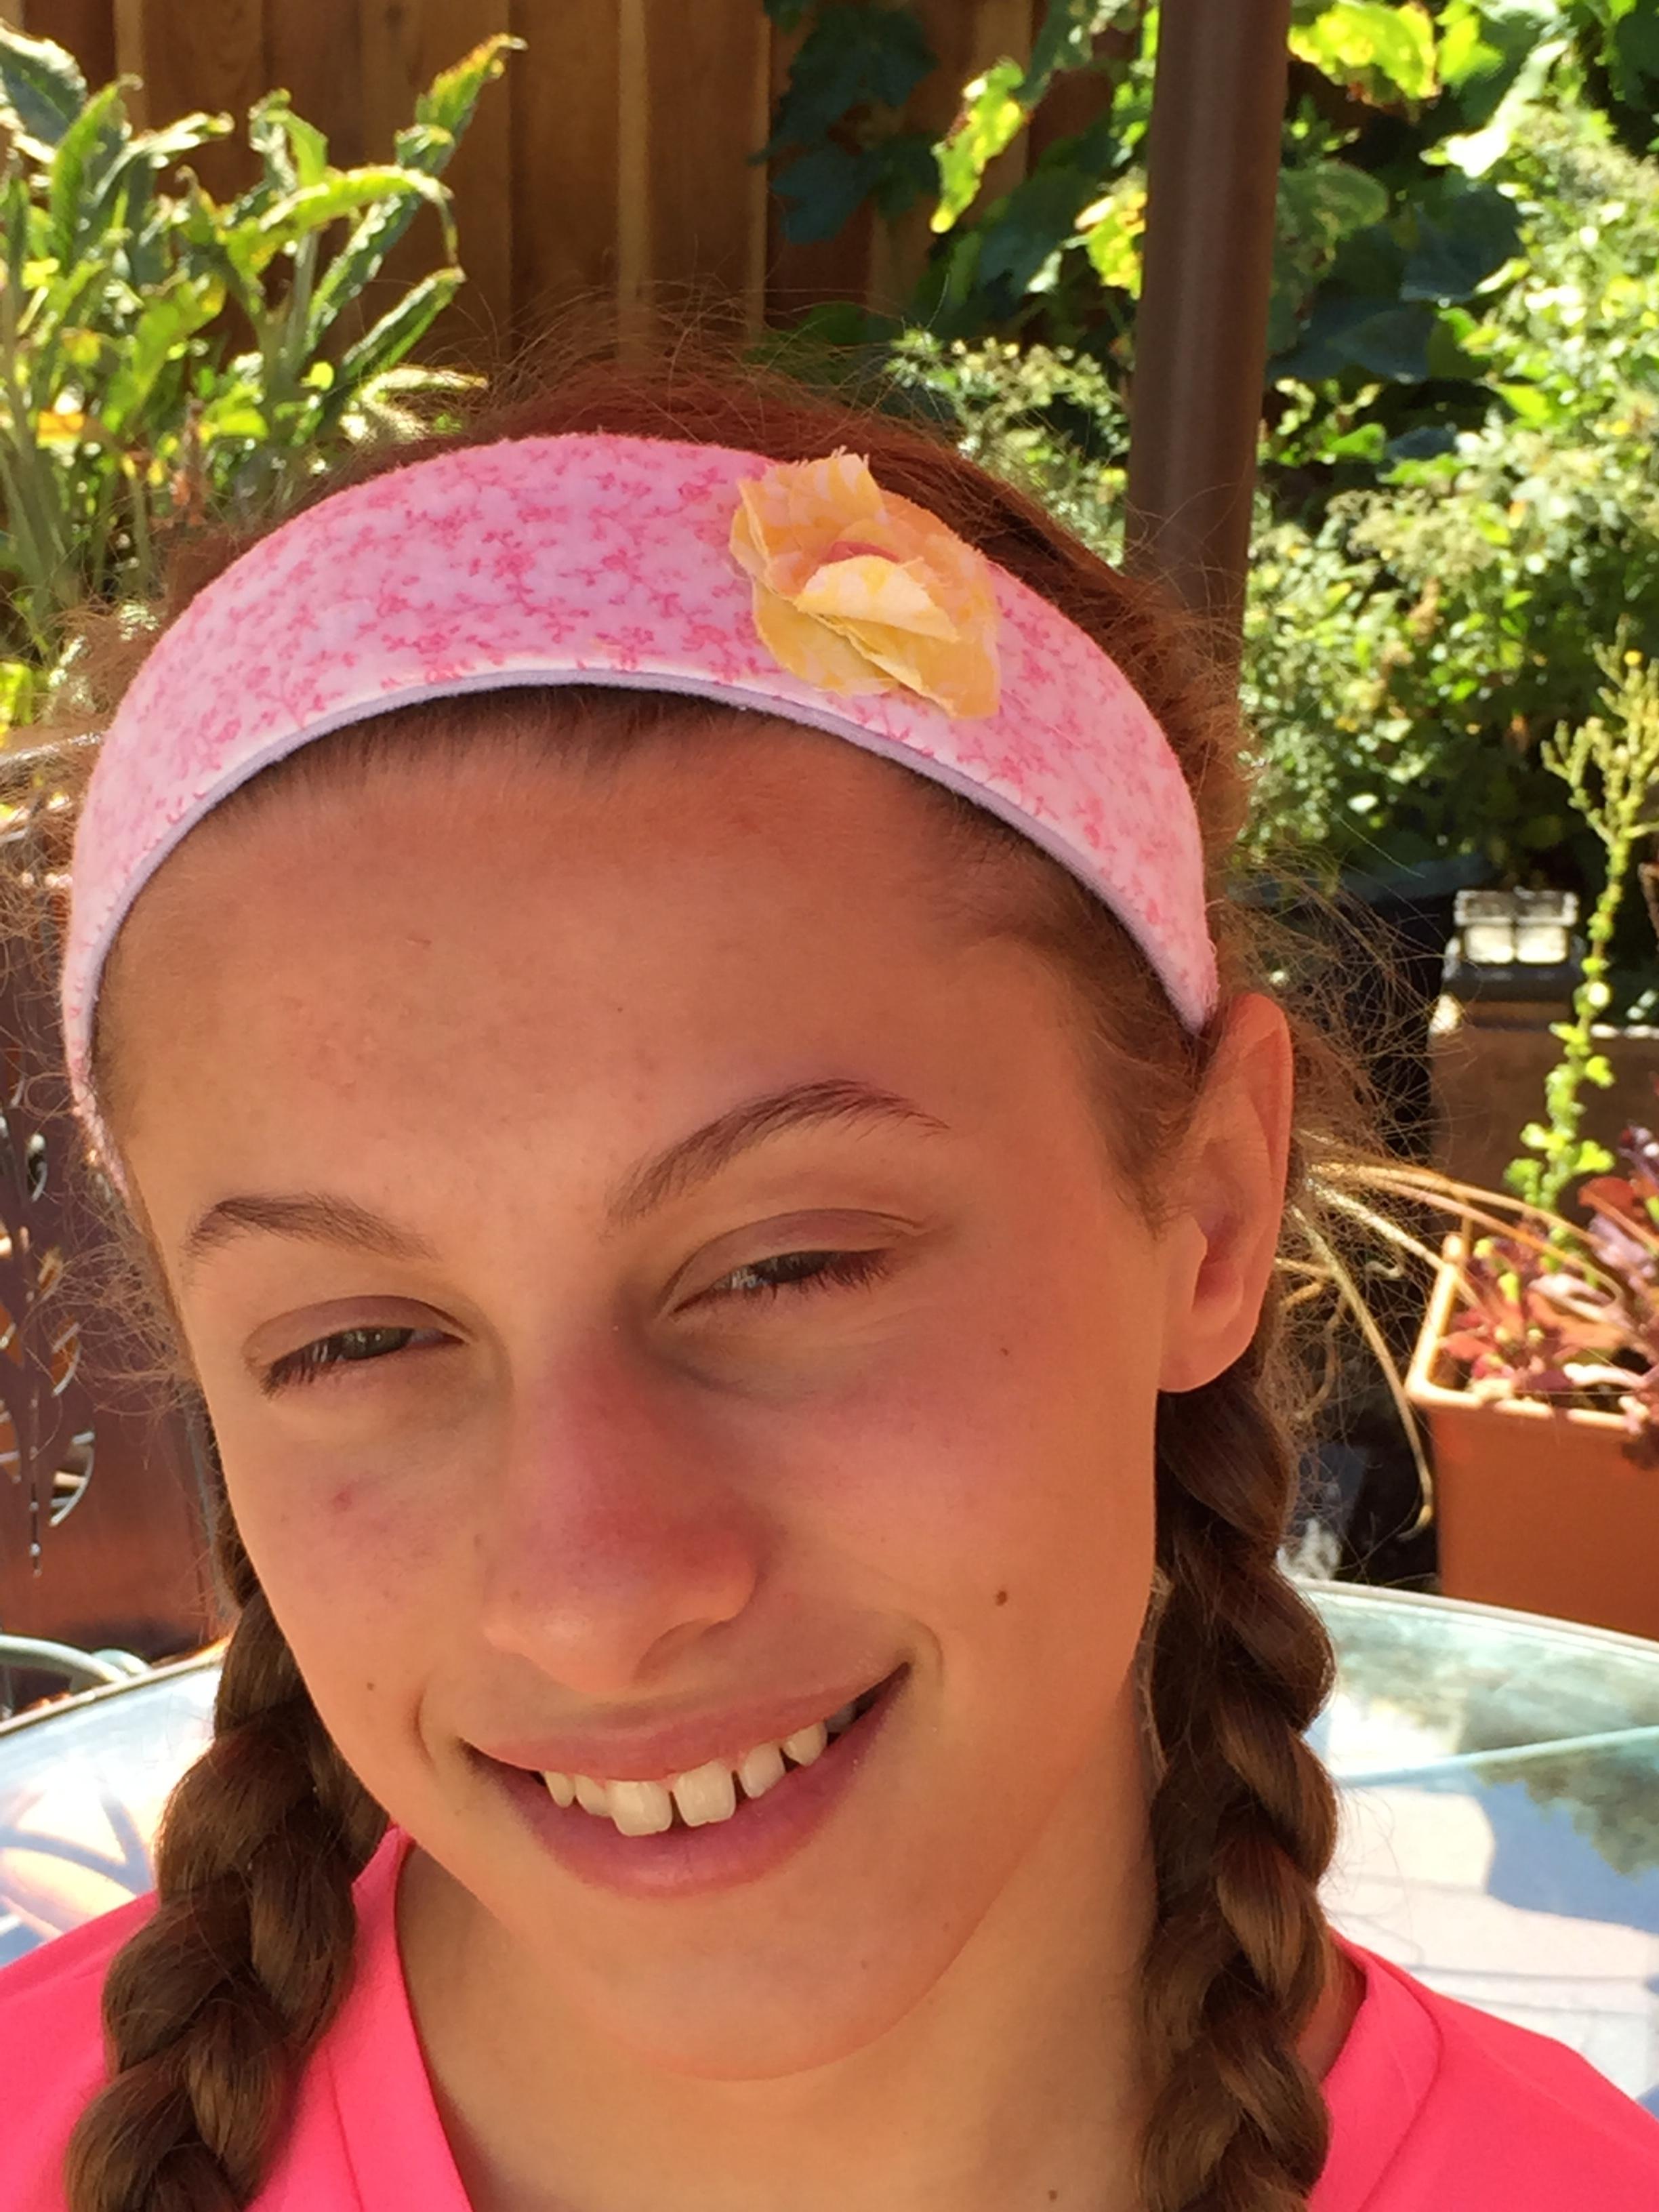 8th grader headband.